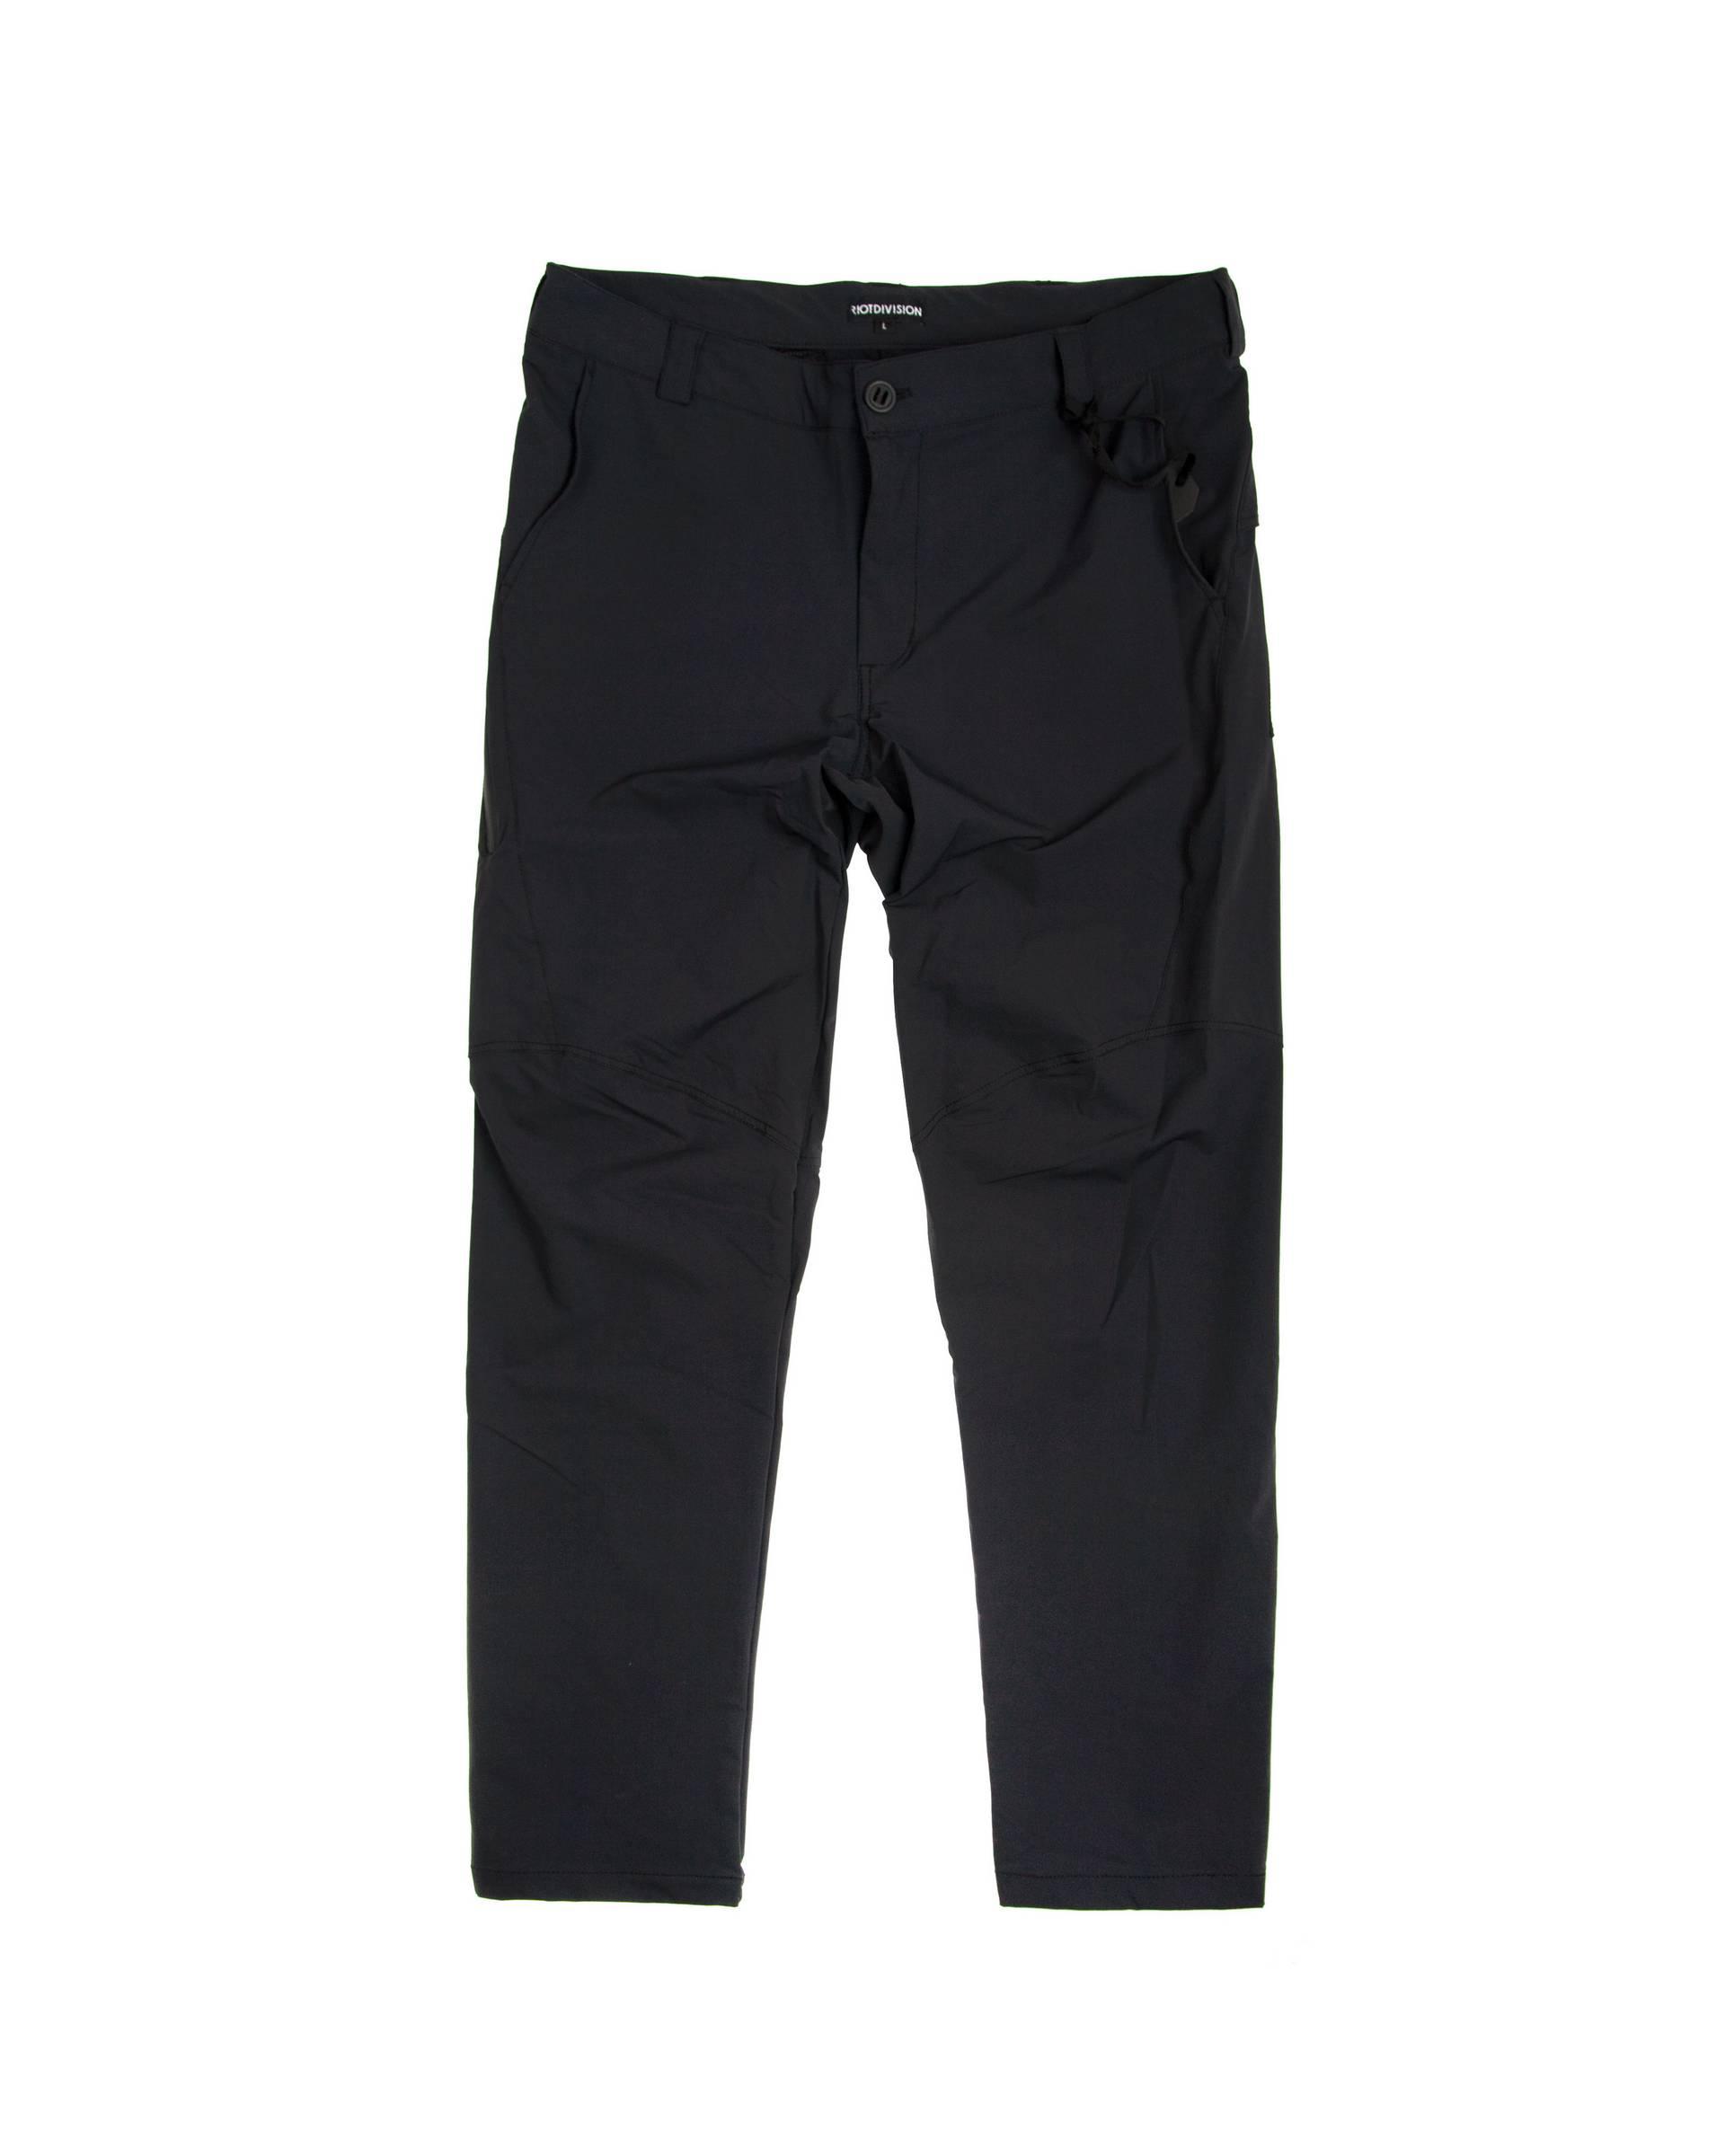 Брюки Riot Division Nylon Velo Navy Pants